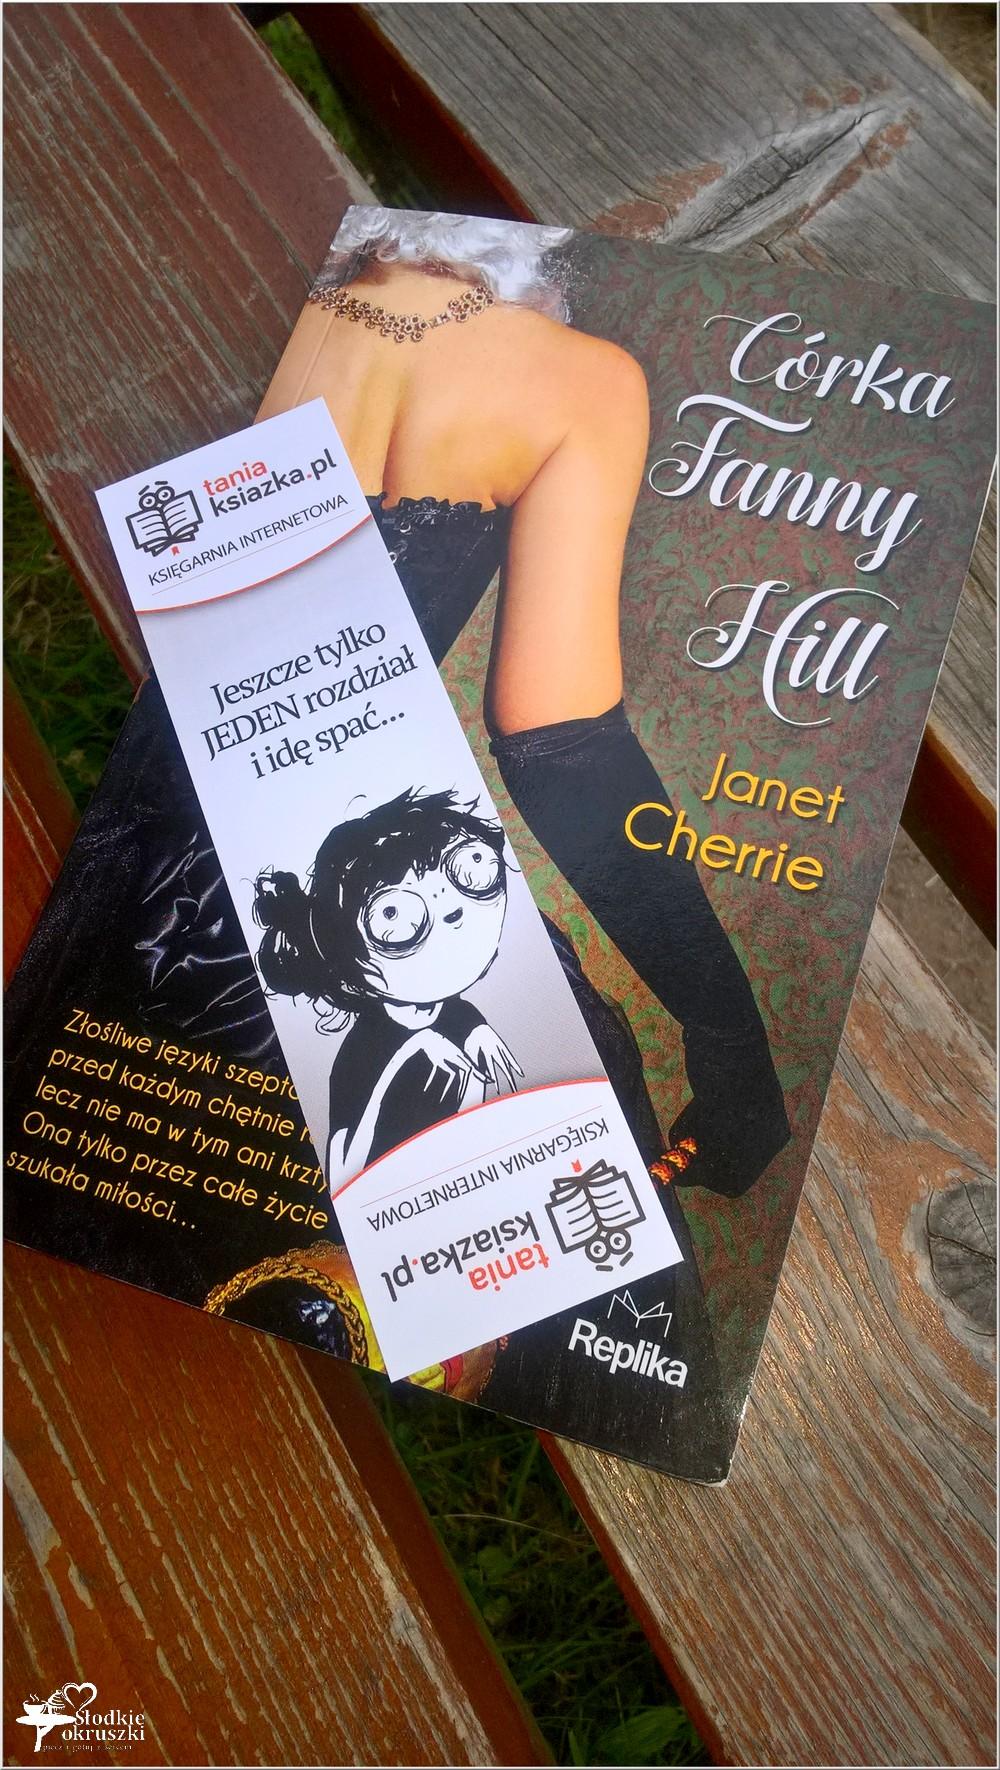 Córka Fanny Hill. Janet Cherrie (2)